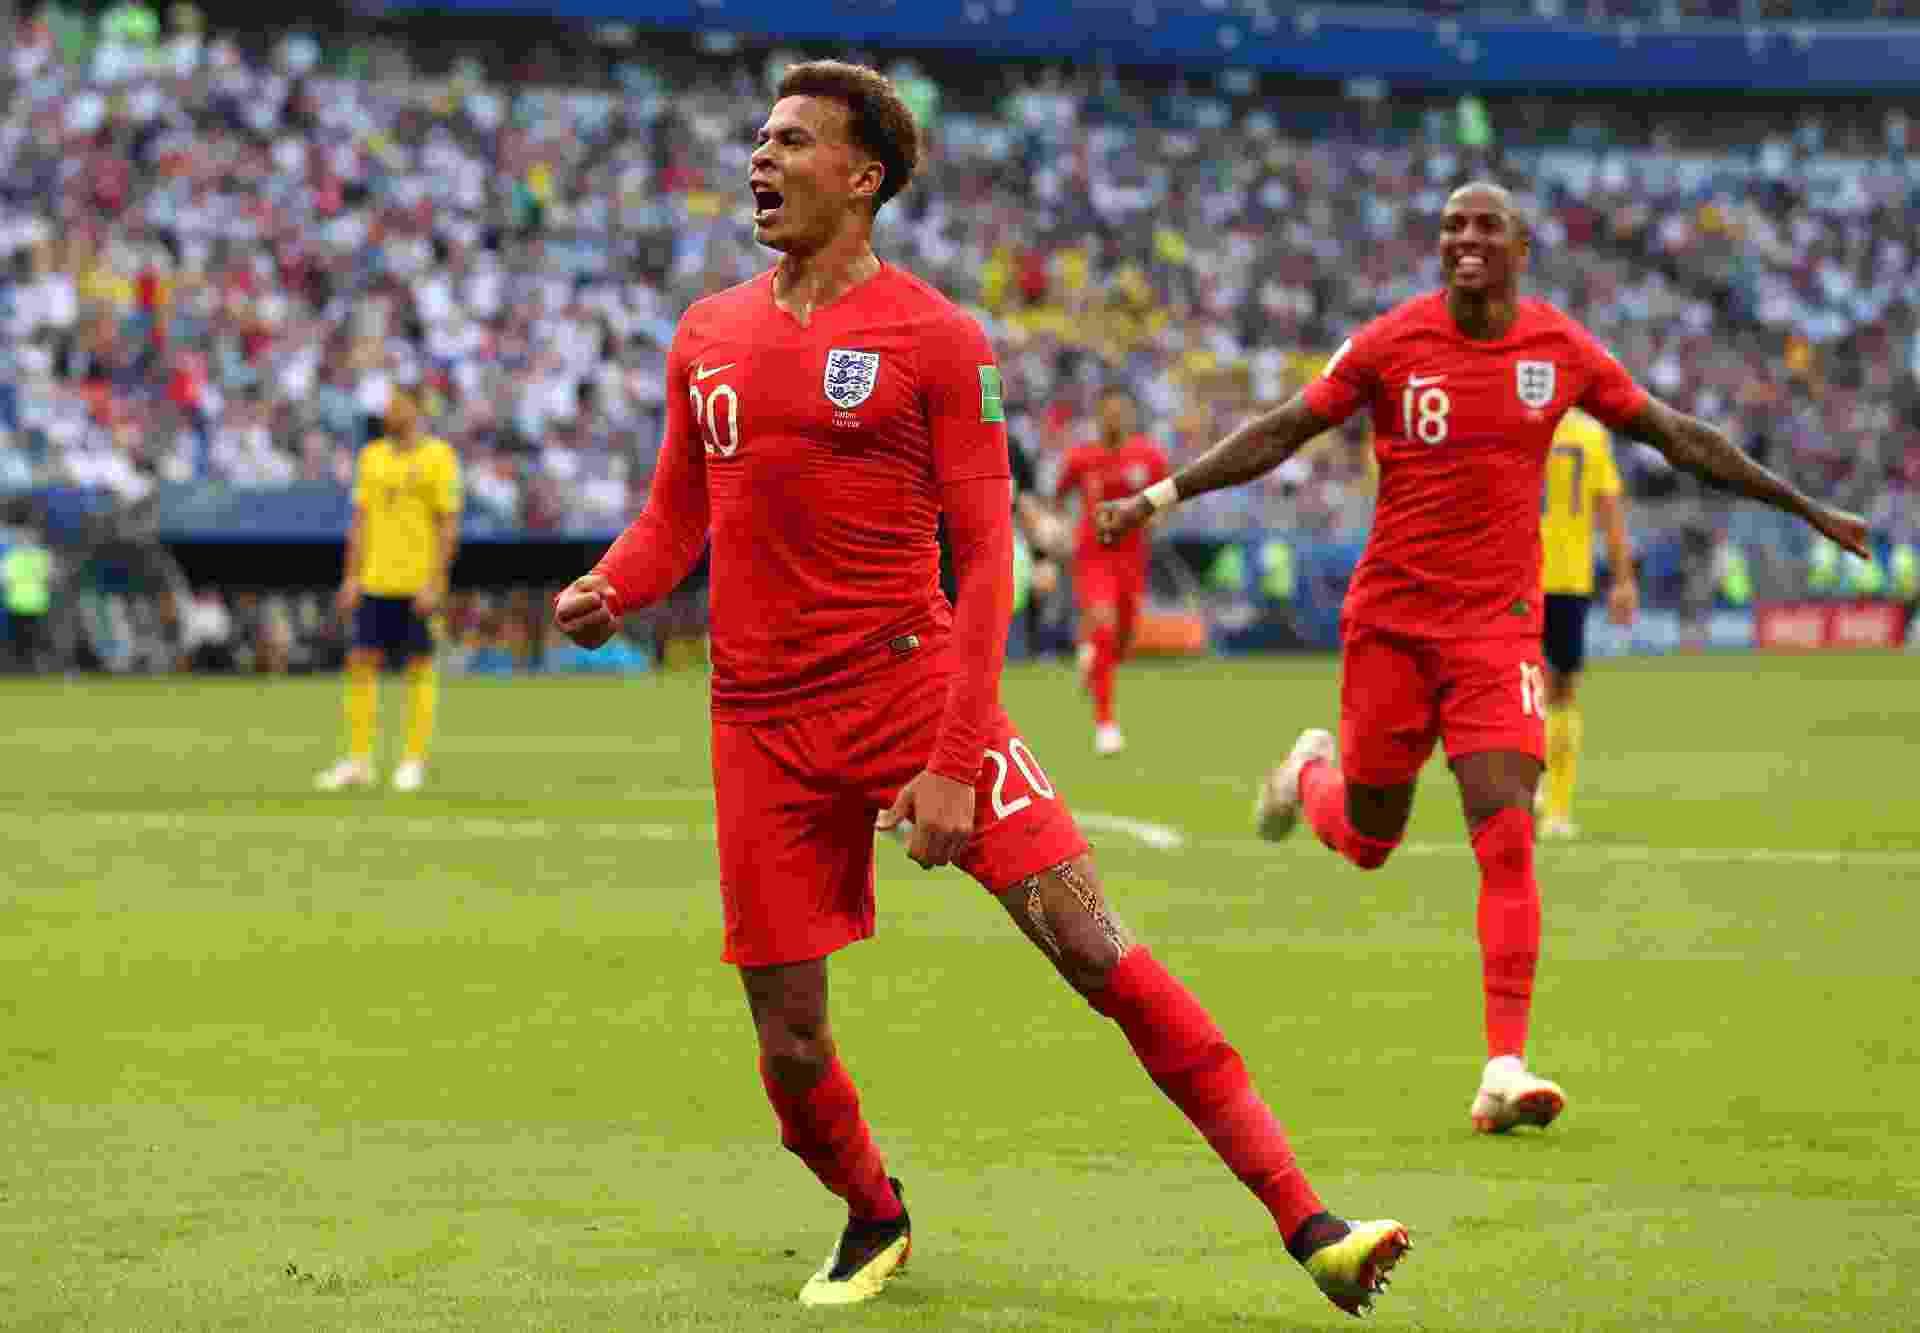 Após marcar, Delle Ali comemora o segundo da Inglaterra contra a Suécia - Clive Rose/Getty Images